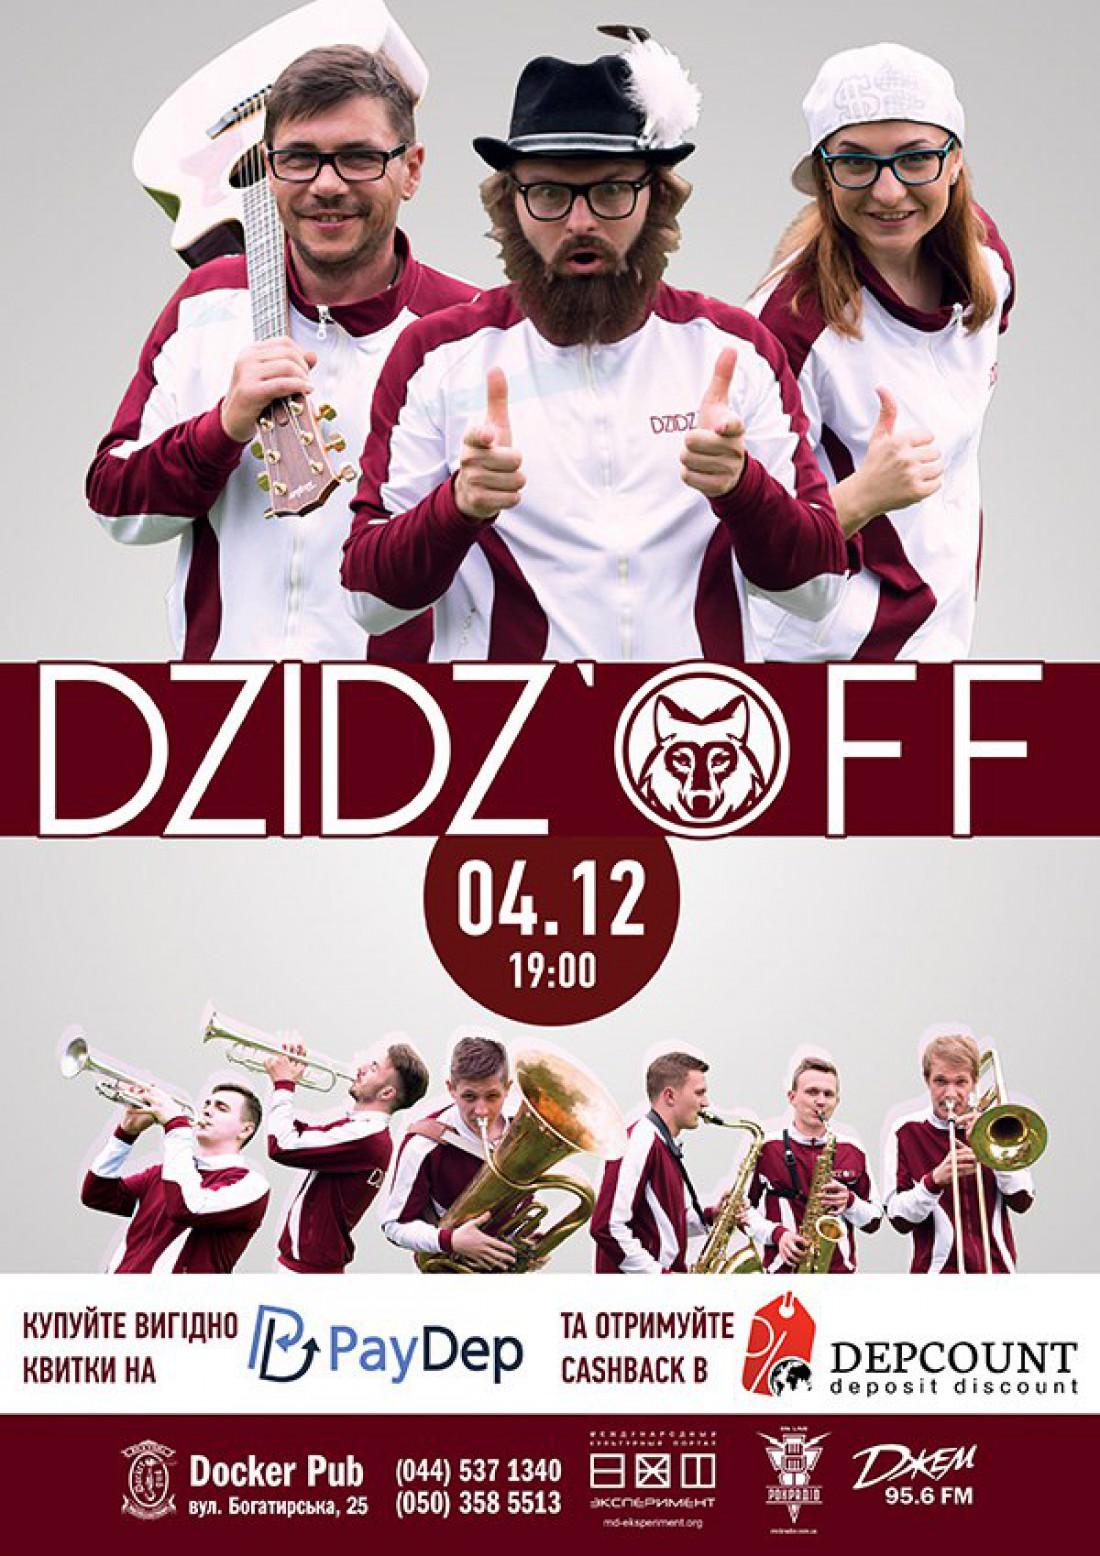 Участники группы DZIDZ`OFF